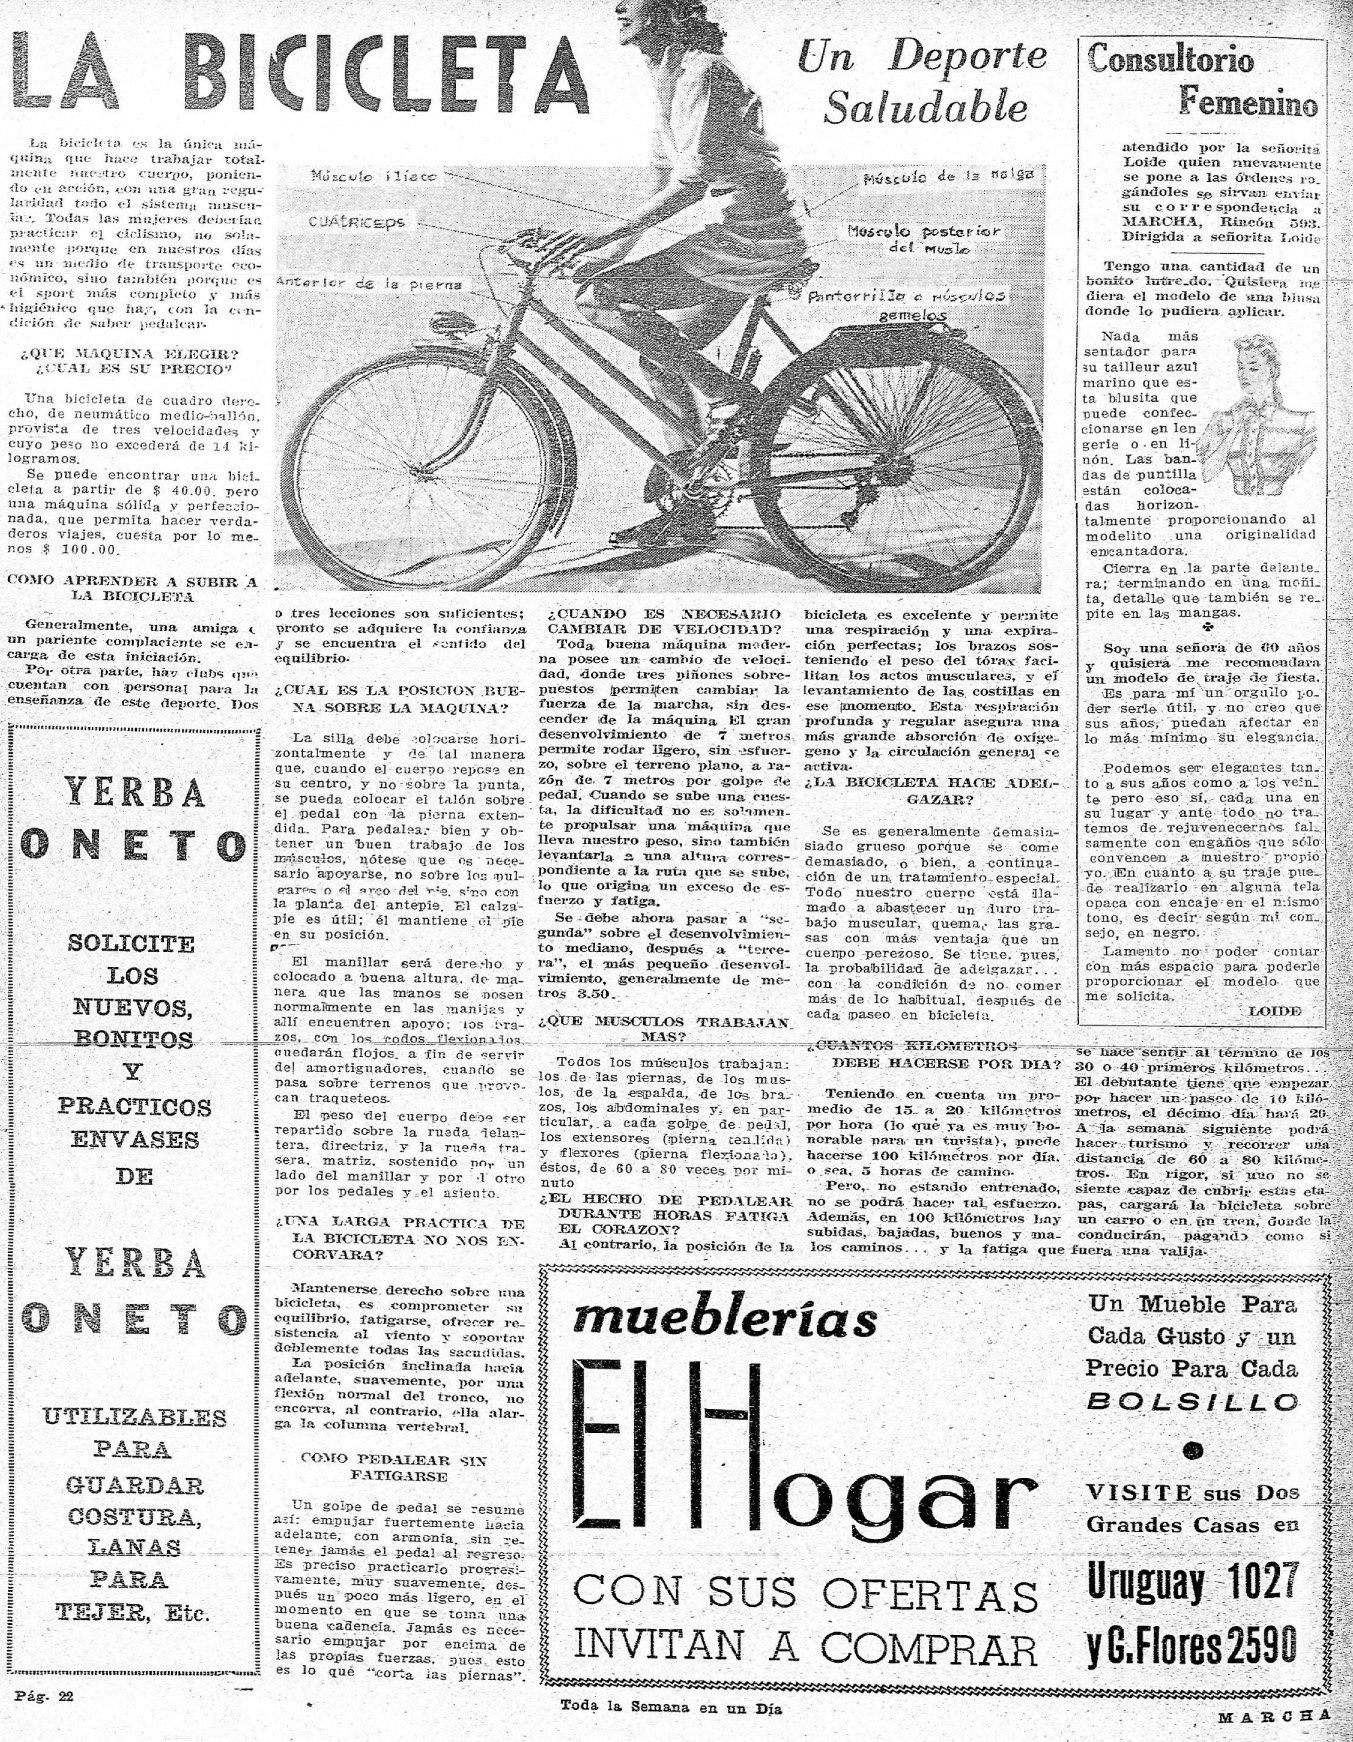 1939-08-11 Marcha pag 22